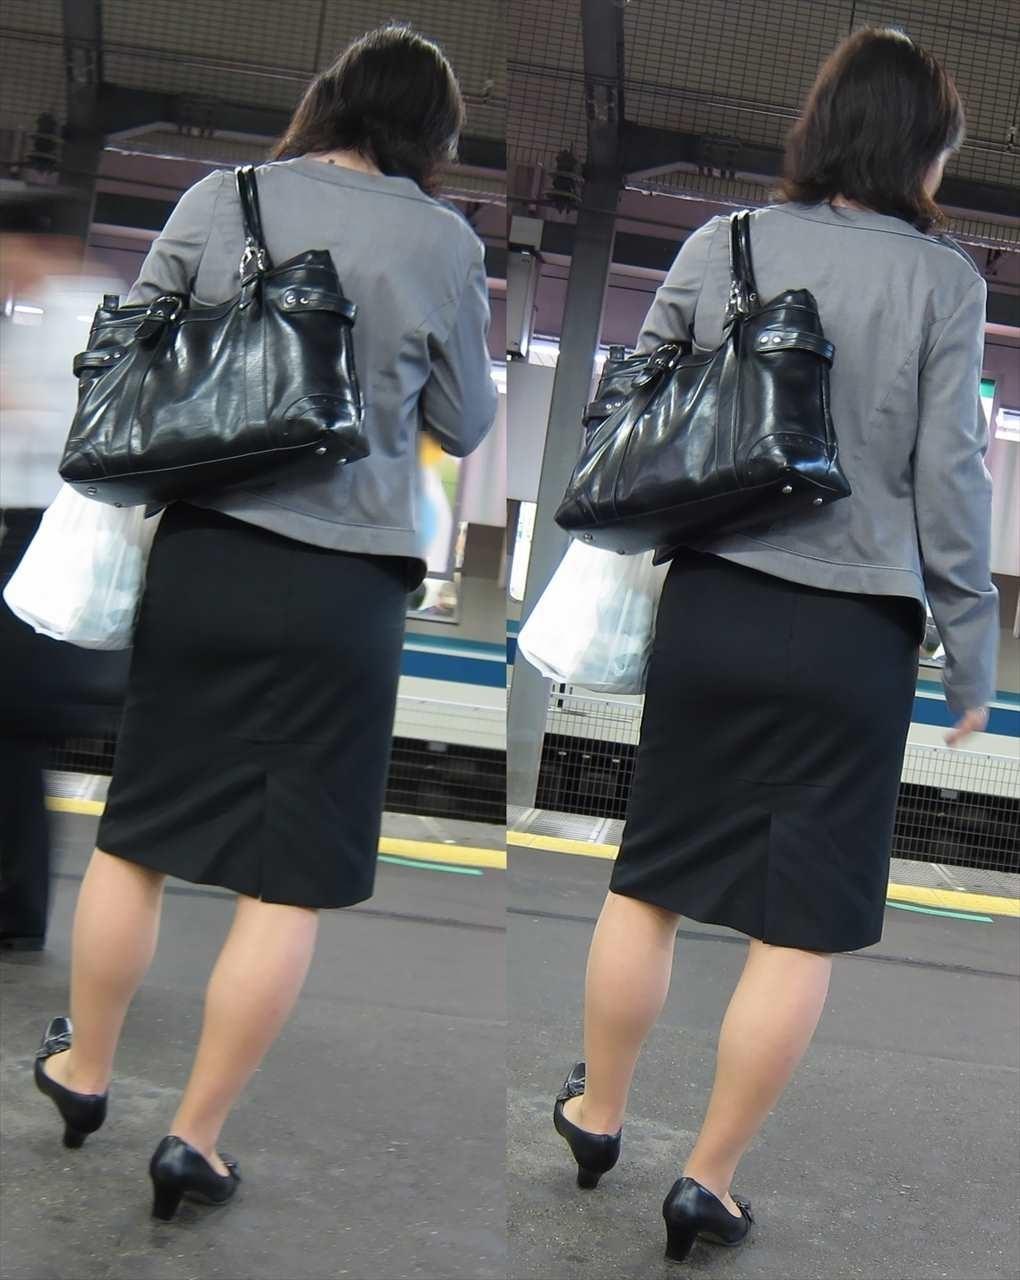 ヤリマンギャルOL巨尻タイトスカート盗撮エロ画像3枚目